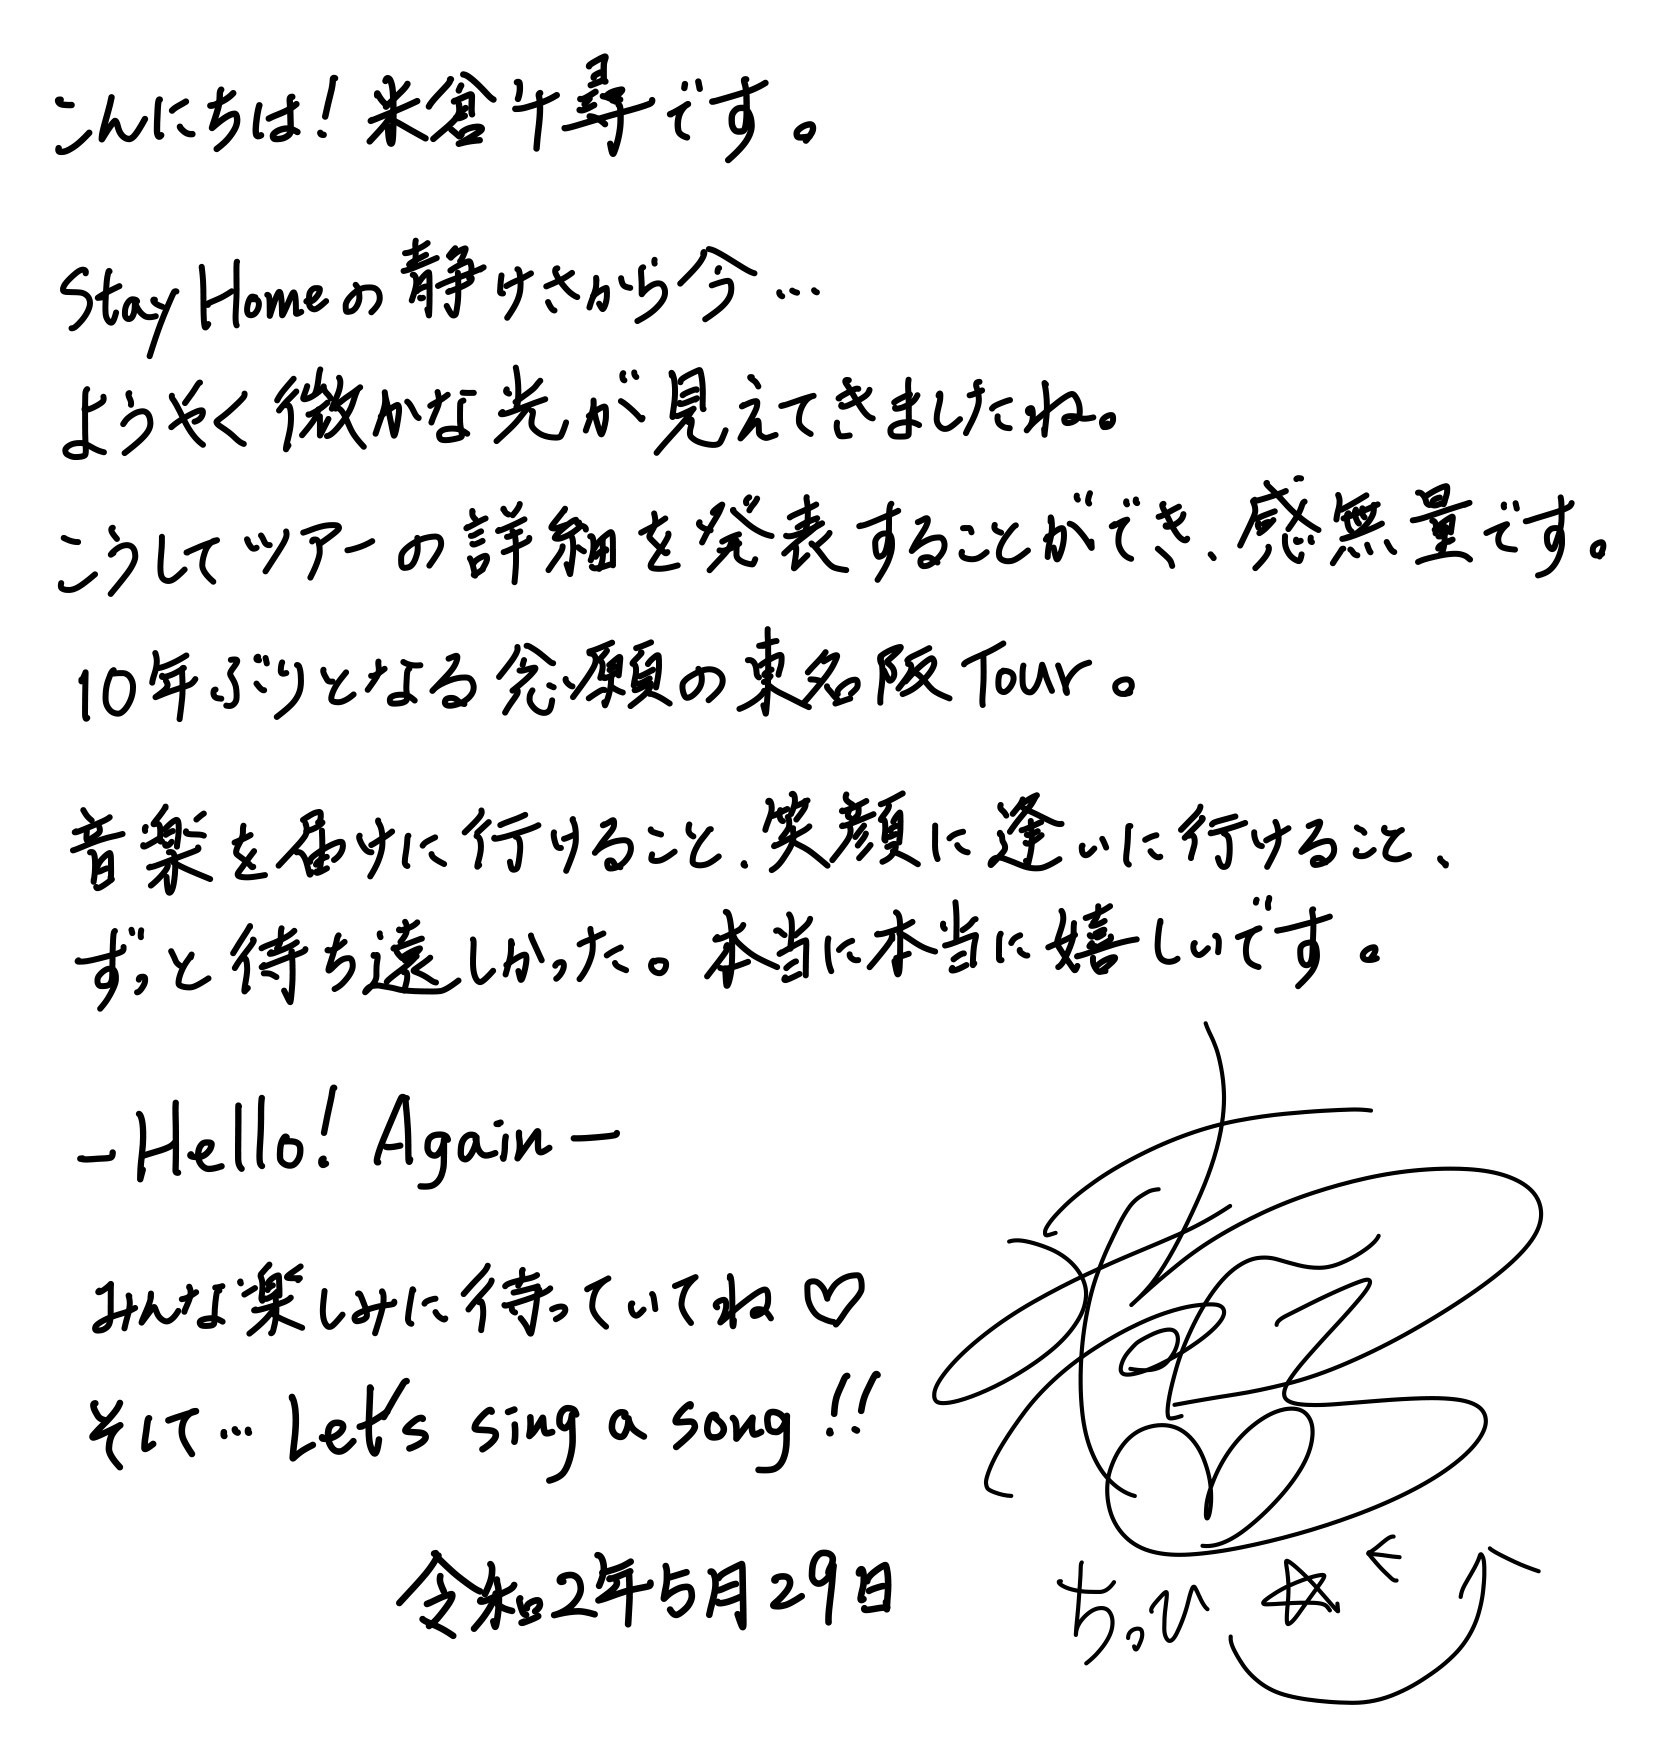 """米倉千尋アコースティックライブ「Chihiro Yonekura Acoustic Live Tour 2020 """"Hello! Again""""」開催決定&詳細決定!!_a0114206_10281206.jpeg"""